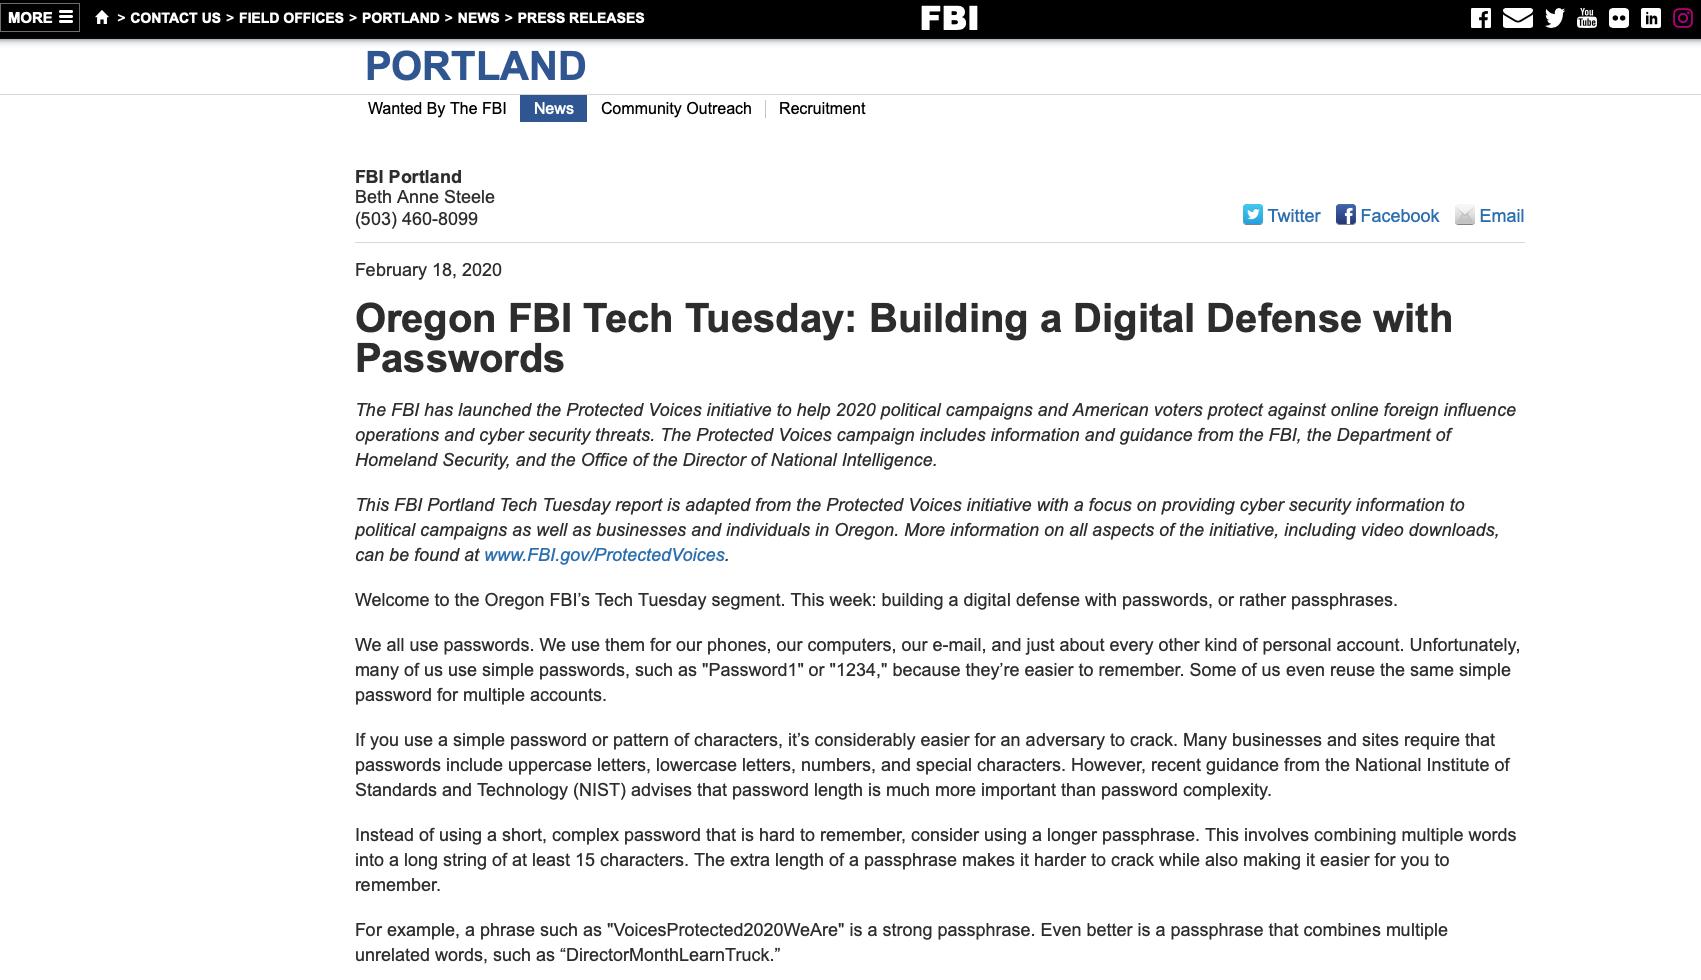 「パスワードは複雑さより長さが大切」 FBIが指南